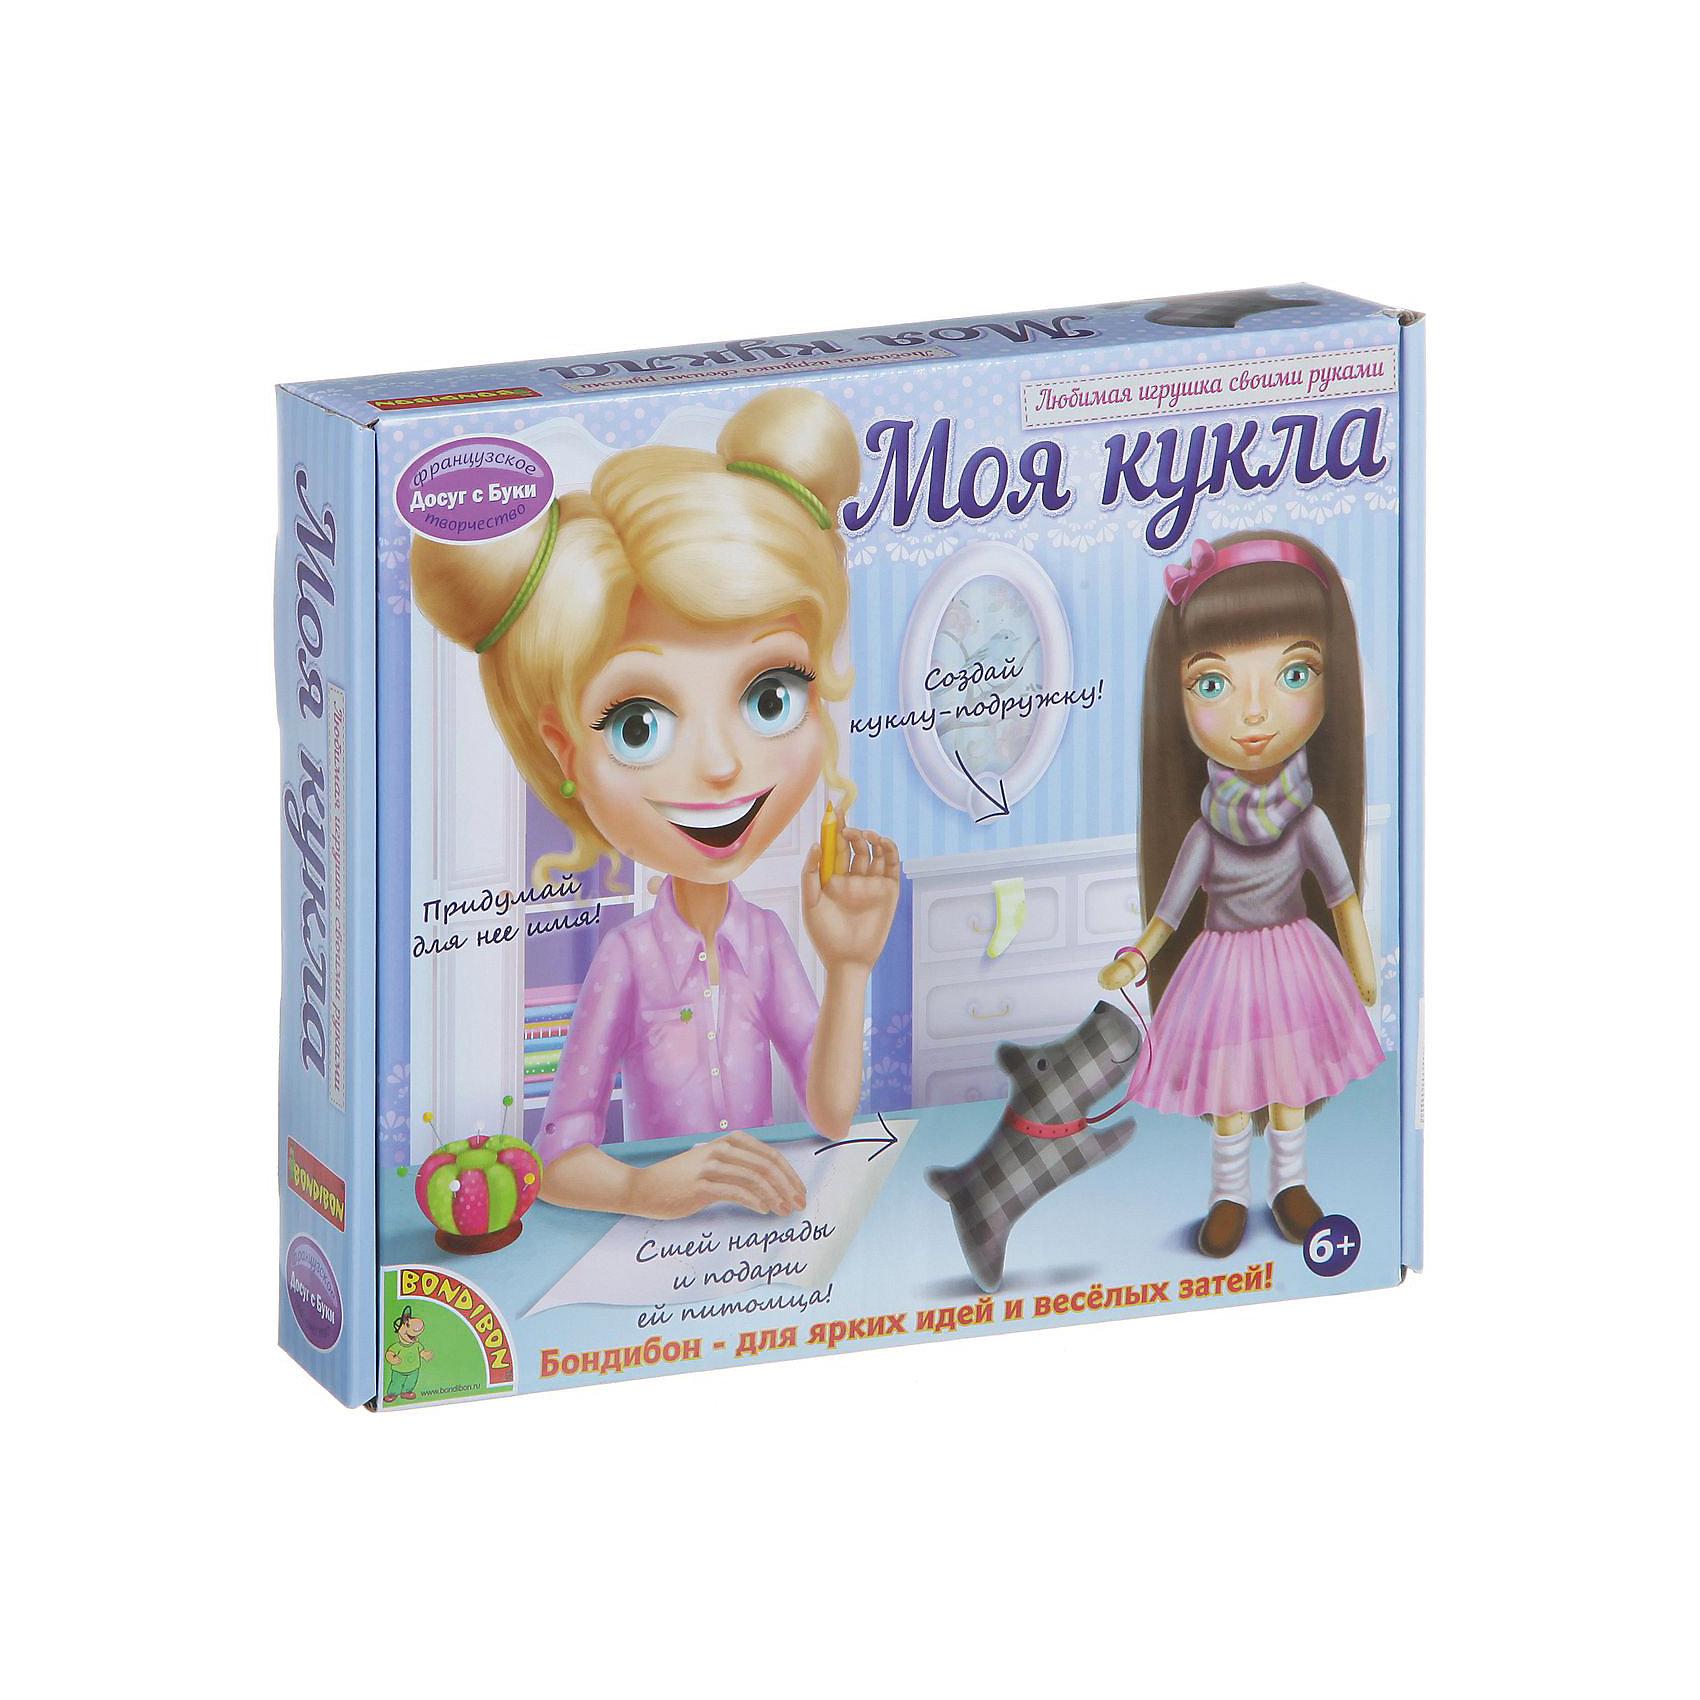 Любимая игрушка своими руками Кукла с темными волосамиС помощью этого замечательного набора ребенок сможет сделать очаровательную куколку и сшить наряды к ней. Куколка с пышными темными волосами и множеством нарядов не оставит равнодушной ни одну девочку!  Шитьё - увлекательно и полезное занятие, которое поможет развить моторику рук, мышление, внимание, усидчивость, умение работать по инструкции, и, конечно, подарит множество положительных эмоций! Игрушки, сделанные своими руками, самые любимые и желанные, а навыки шитья, полученные в процессе изготовления куколки, пригодятся в будущем любой хорошей хозяйке.  <br><br>Дополнительная информация:<br><br>- Материал: текстиль. <br>- Размер: 27х6х27 см.<br>- Комплектация: выкройки куклы, одежды и аксессуаров, инструкция.<br><br>Набор Любимая игрушка своими руками. Кукла с темными волосами можно купить в нашем магазине.<br><br>Ширина мм: 26<br>Глубина мм: 5<br>Высота мм: 22<br>Вес г: 321<br>Возраст от месяцев: 72<br>Возраст до месяцев: 144<br>Пол: Женский<br>Возраст: Детский<br>SKU: 4993194